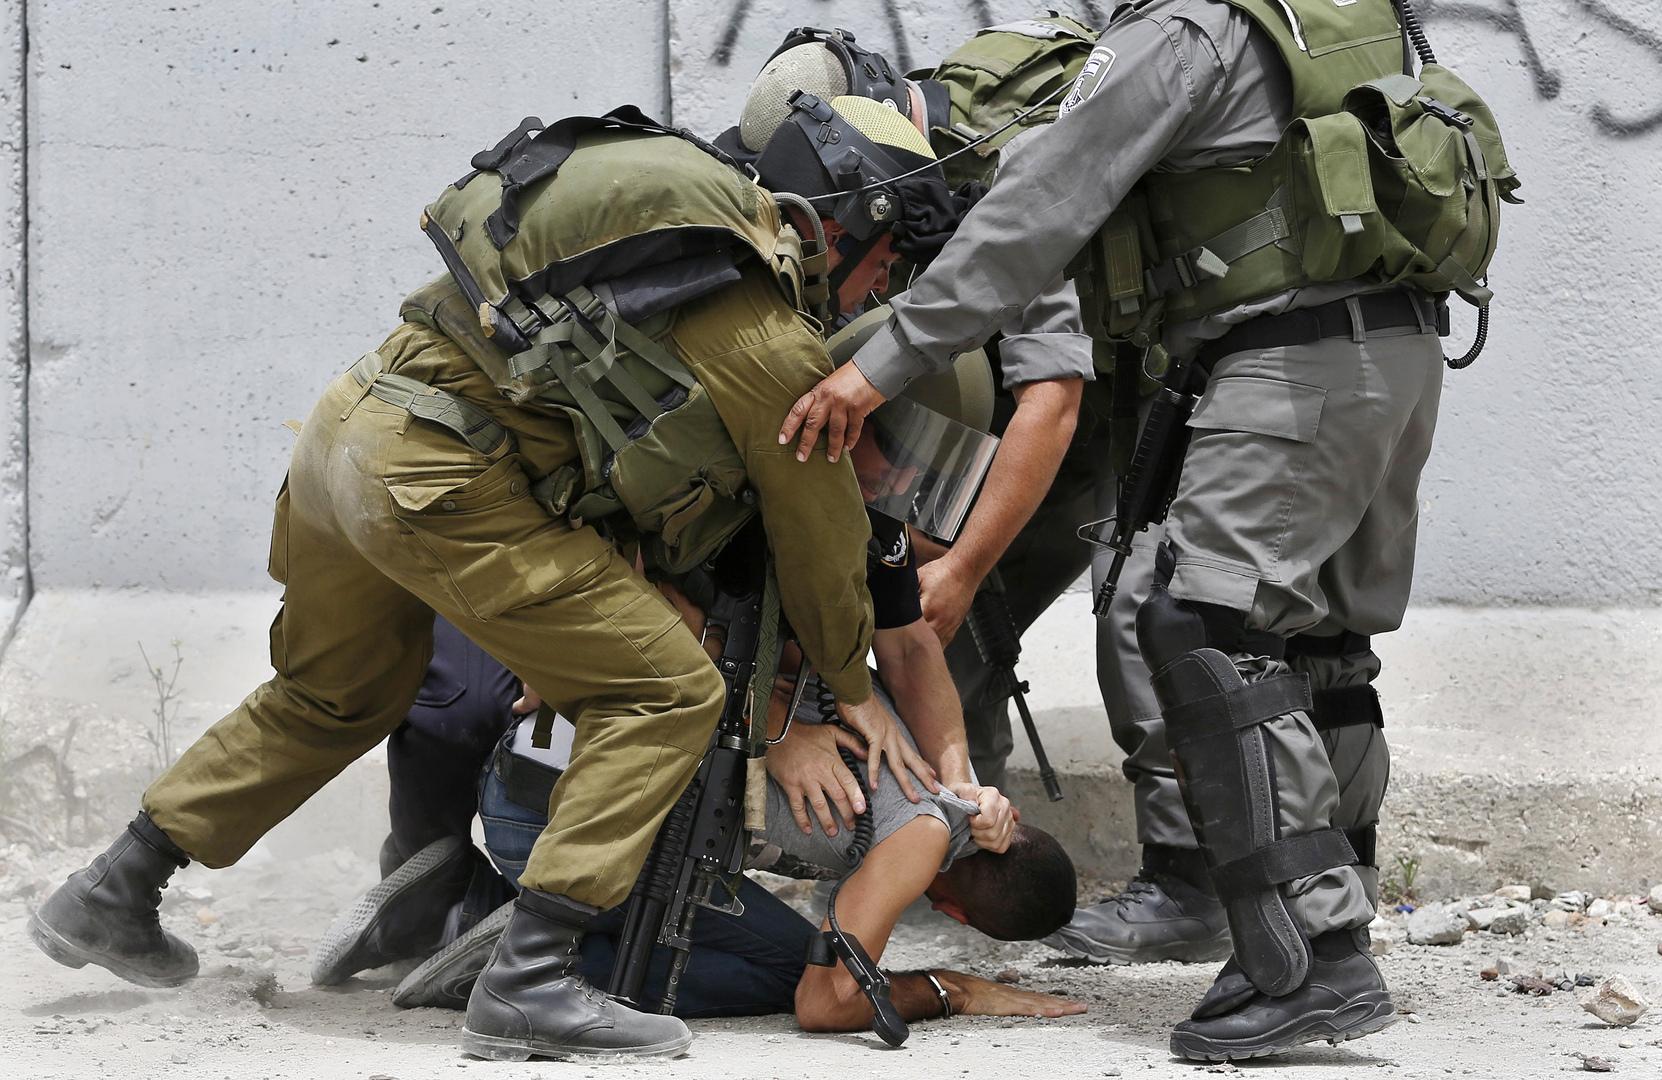 مقتل 100 ألف فلسطيني منذ النكبة ومليون أسير بينهم من قضى أكثر من ربع قرن في الاعتقال